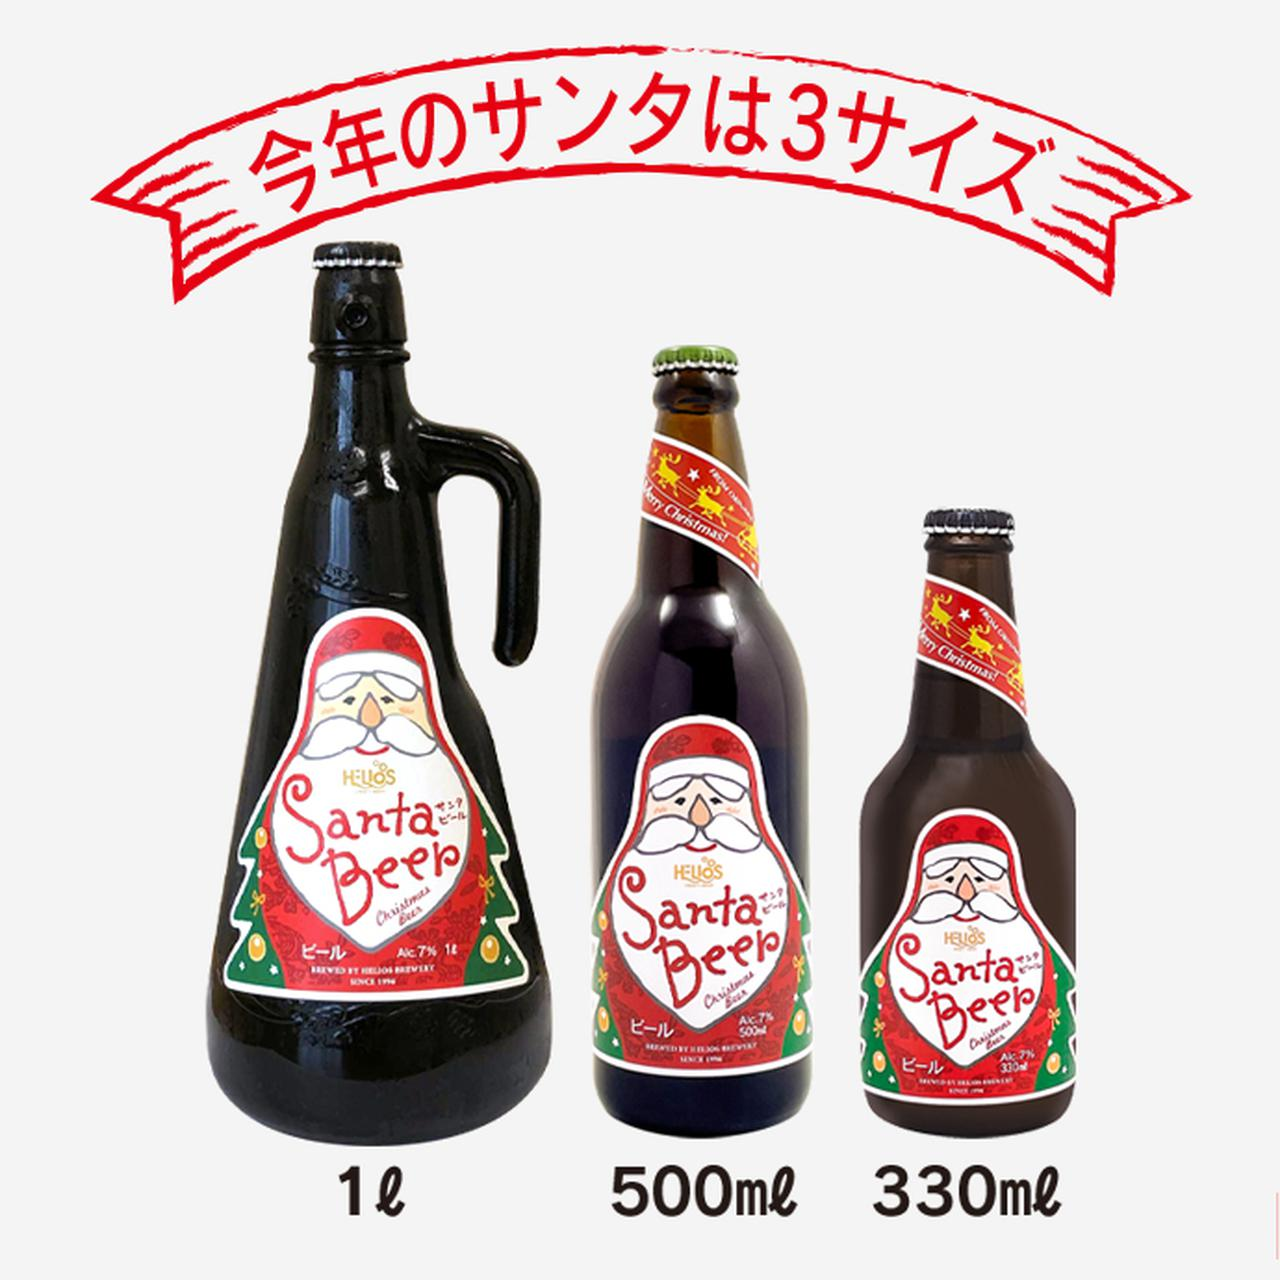 画像: 2020年のサンタビールは3サイズで展開中